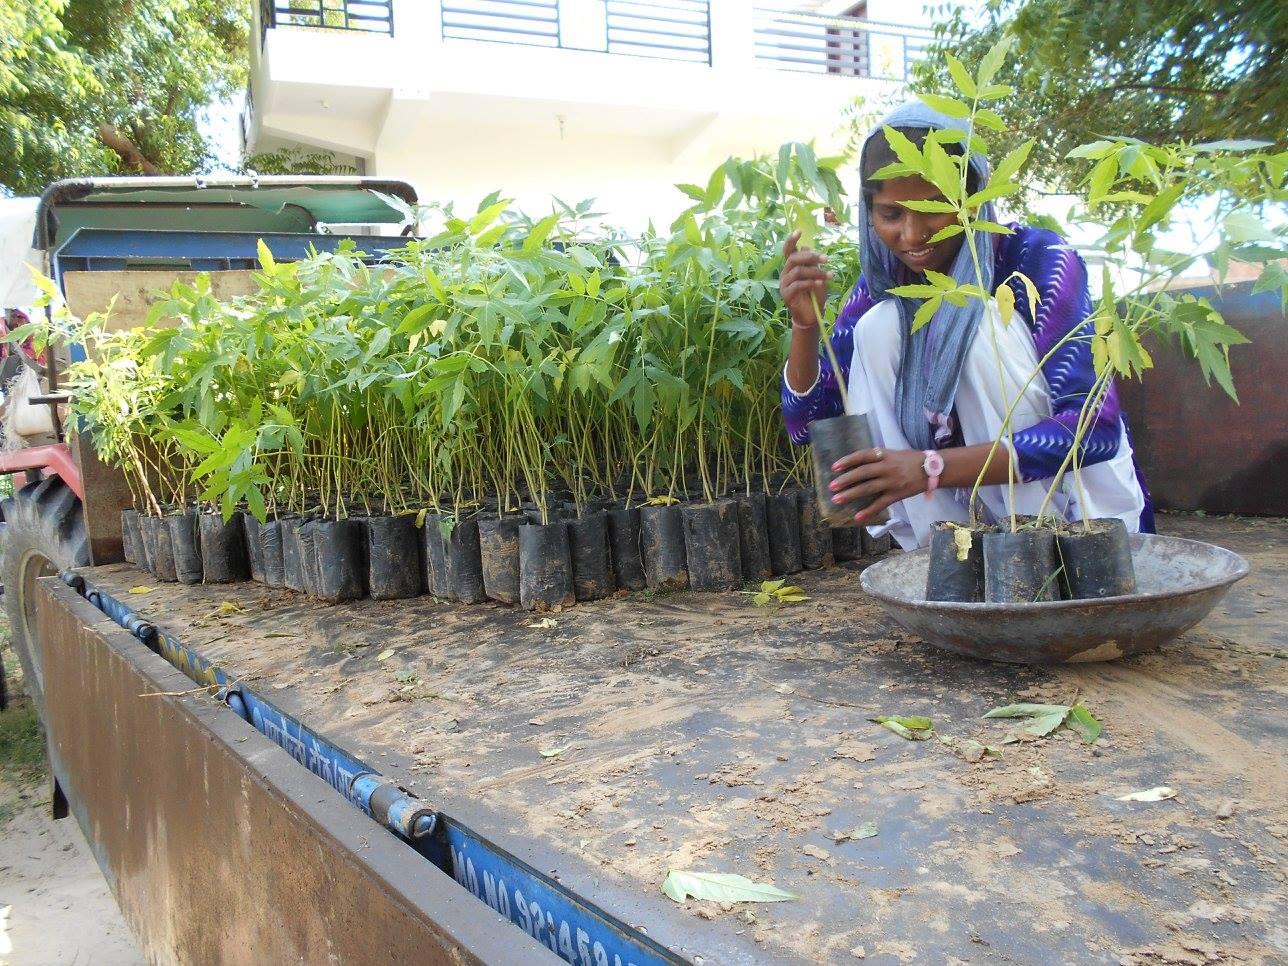 Preparing samplings for planting